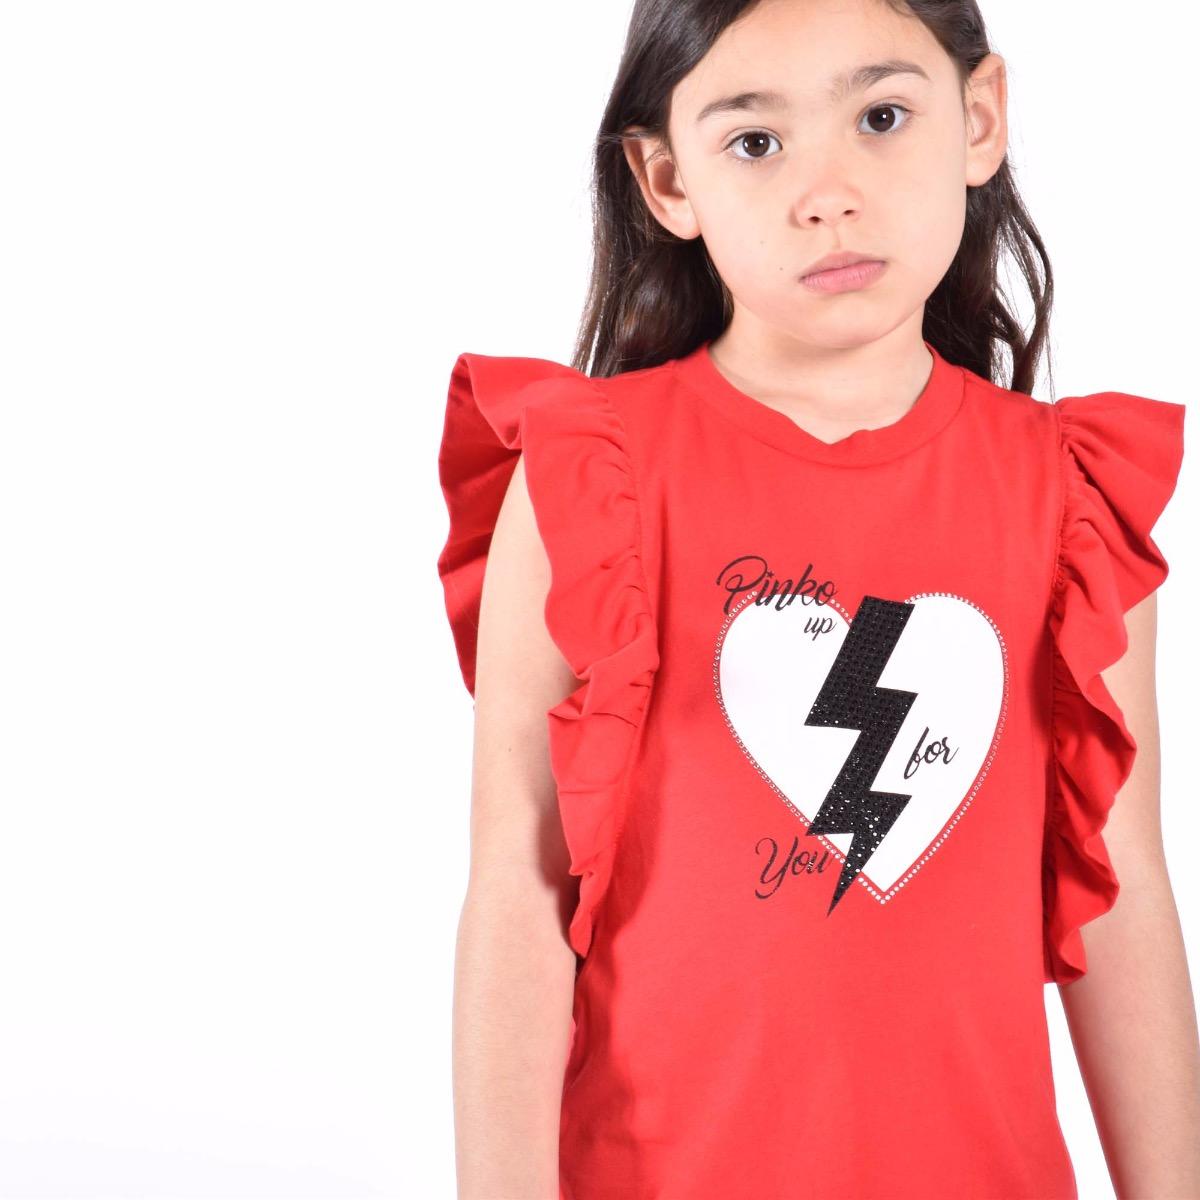 Completo jersey e strech - Rosso / Nero